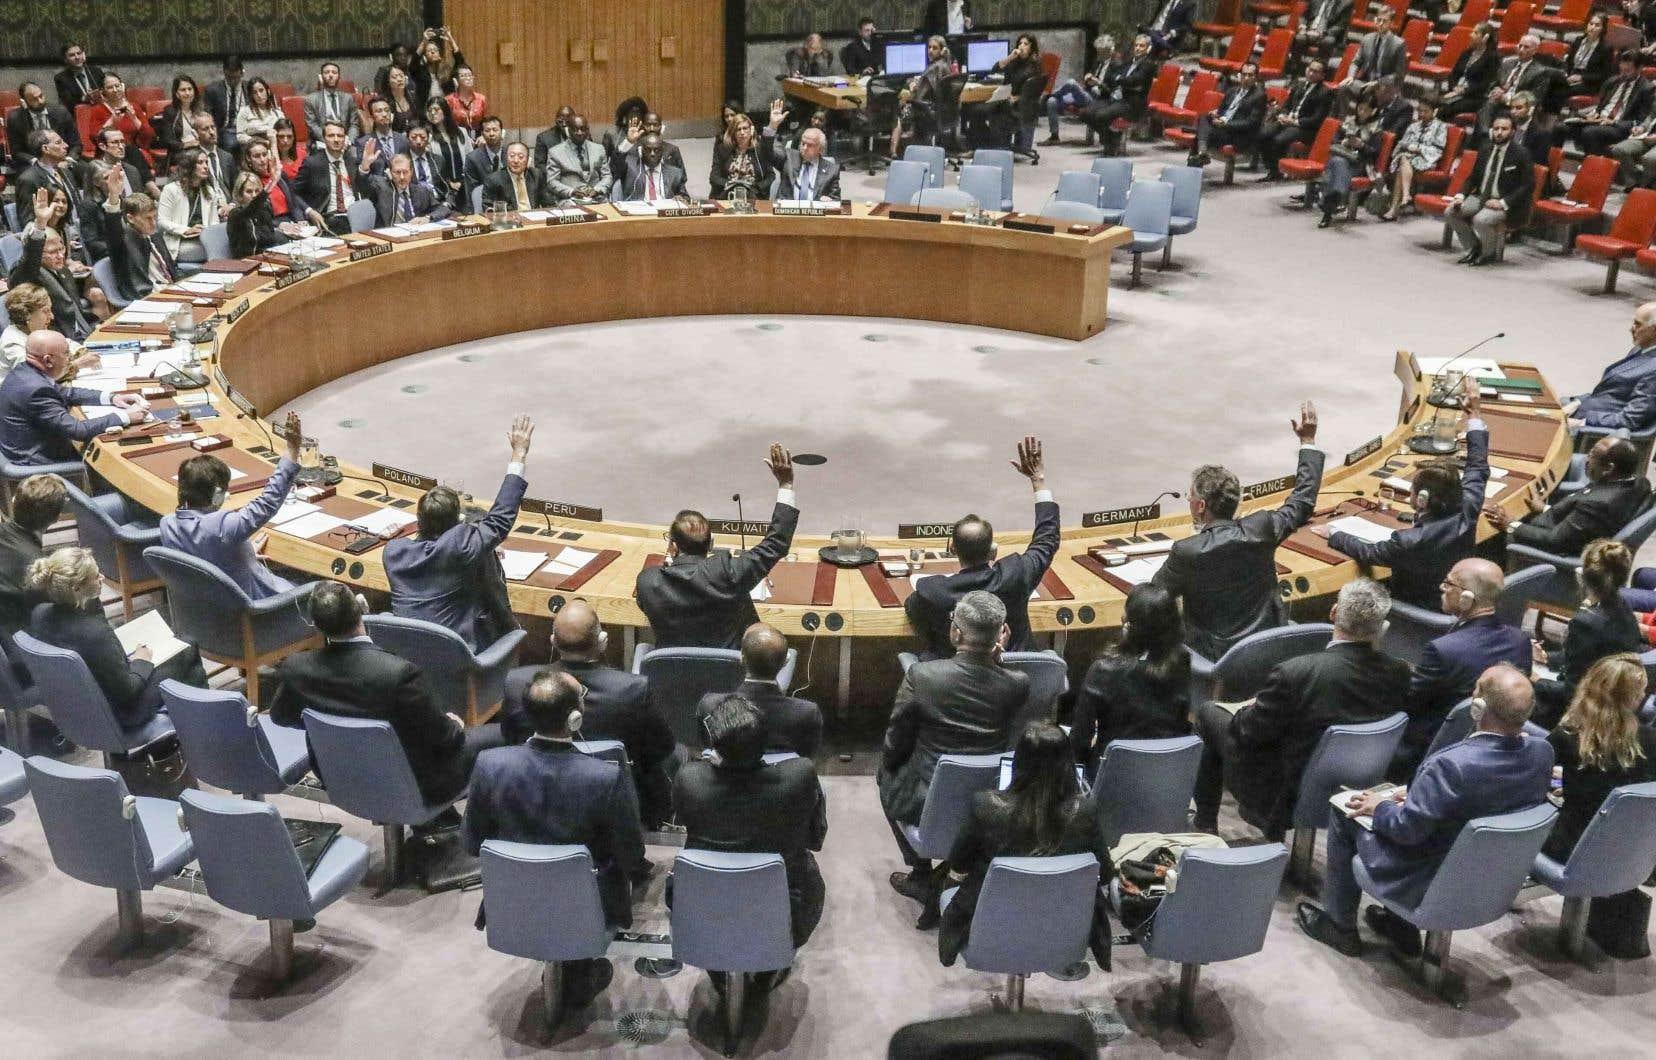 Il s'agit du 13eveto de la Russie à une résolution sur la Syrie depuis le début du conflit en 2011.